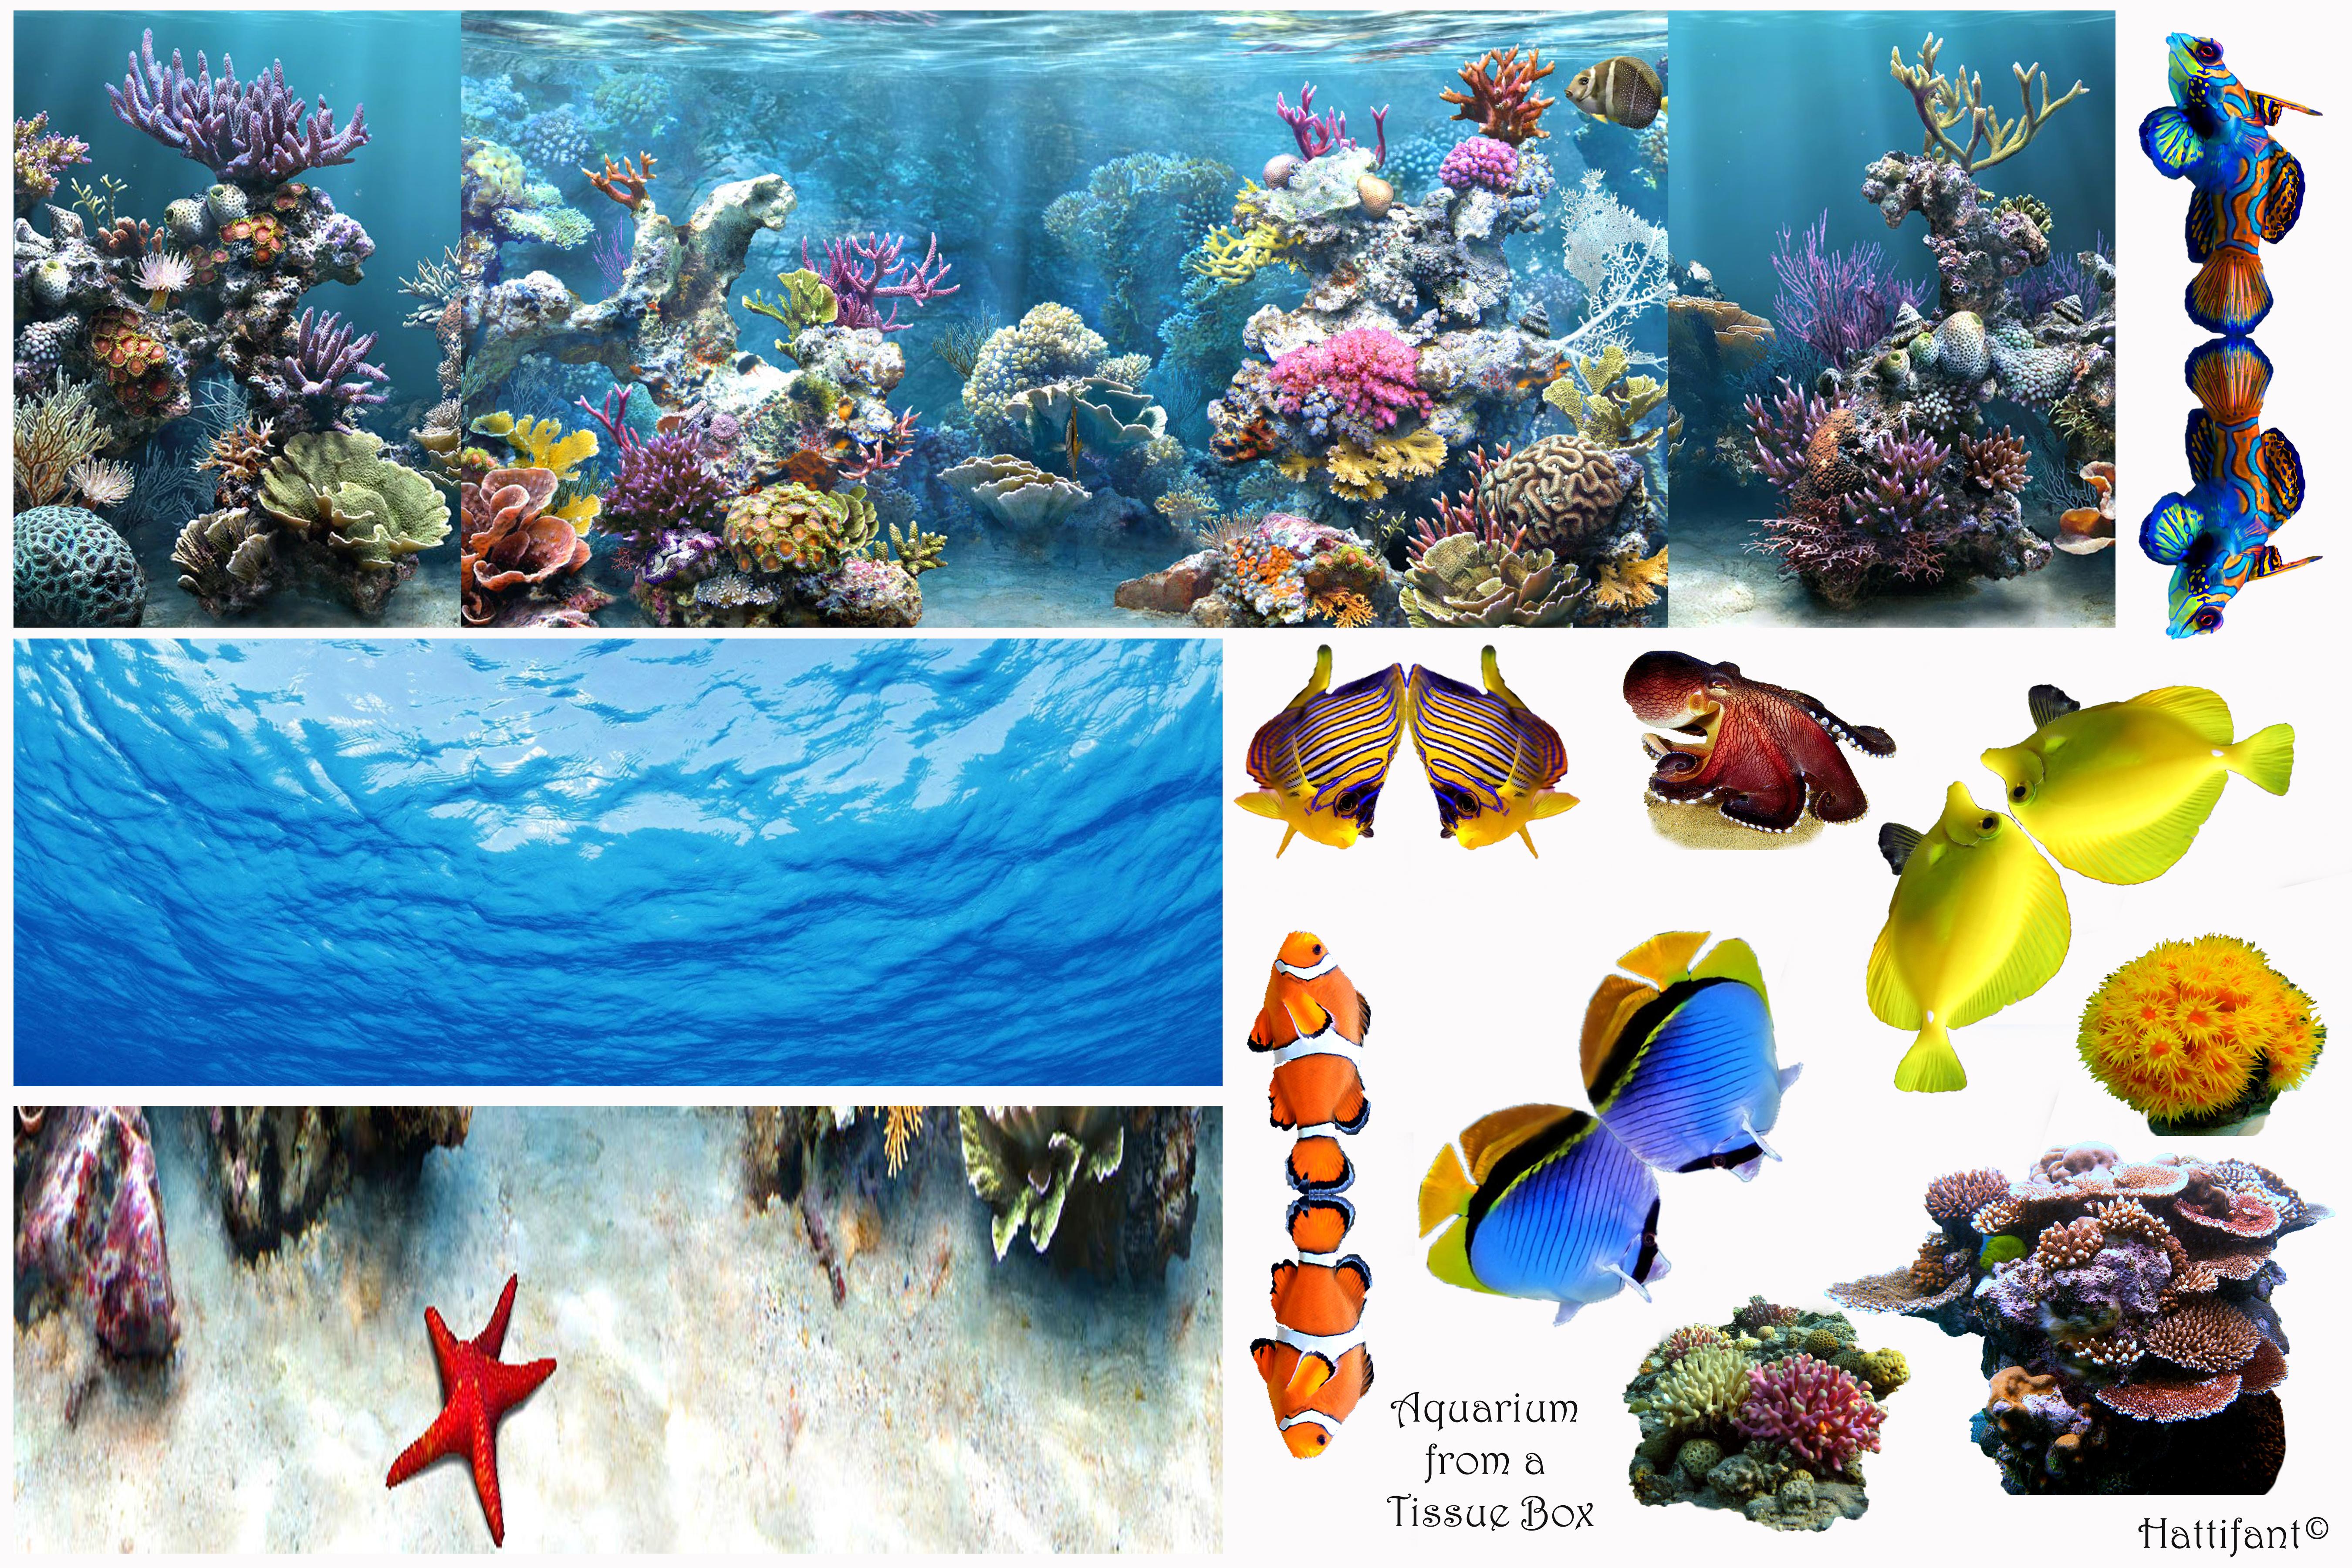 Aquarium clipart empty square aquarium. Tissue box what do